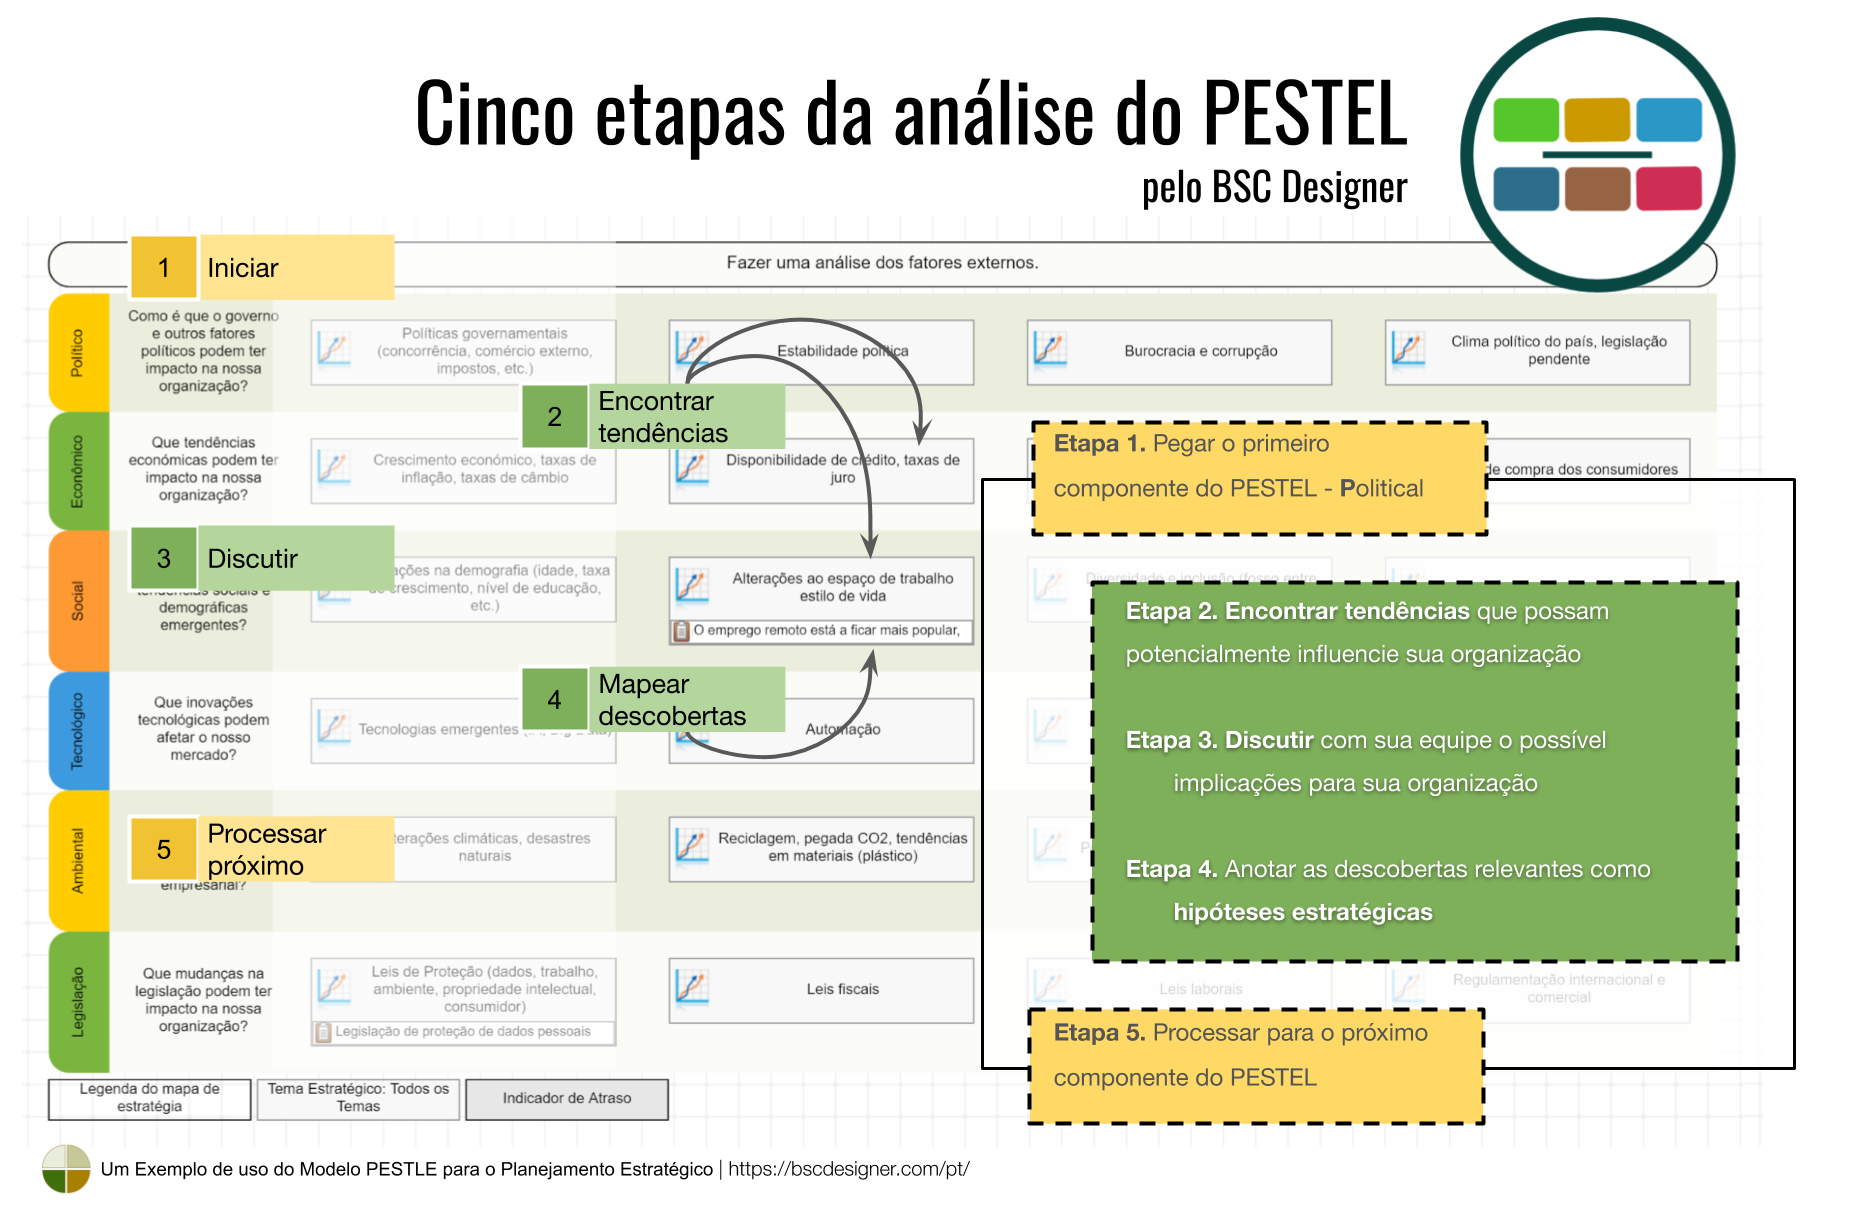 Cinco etapas da análise PESTEL